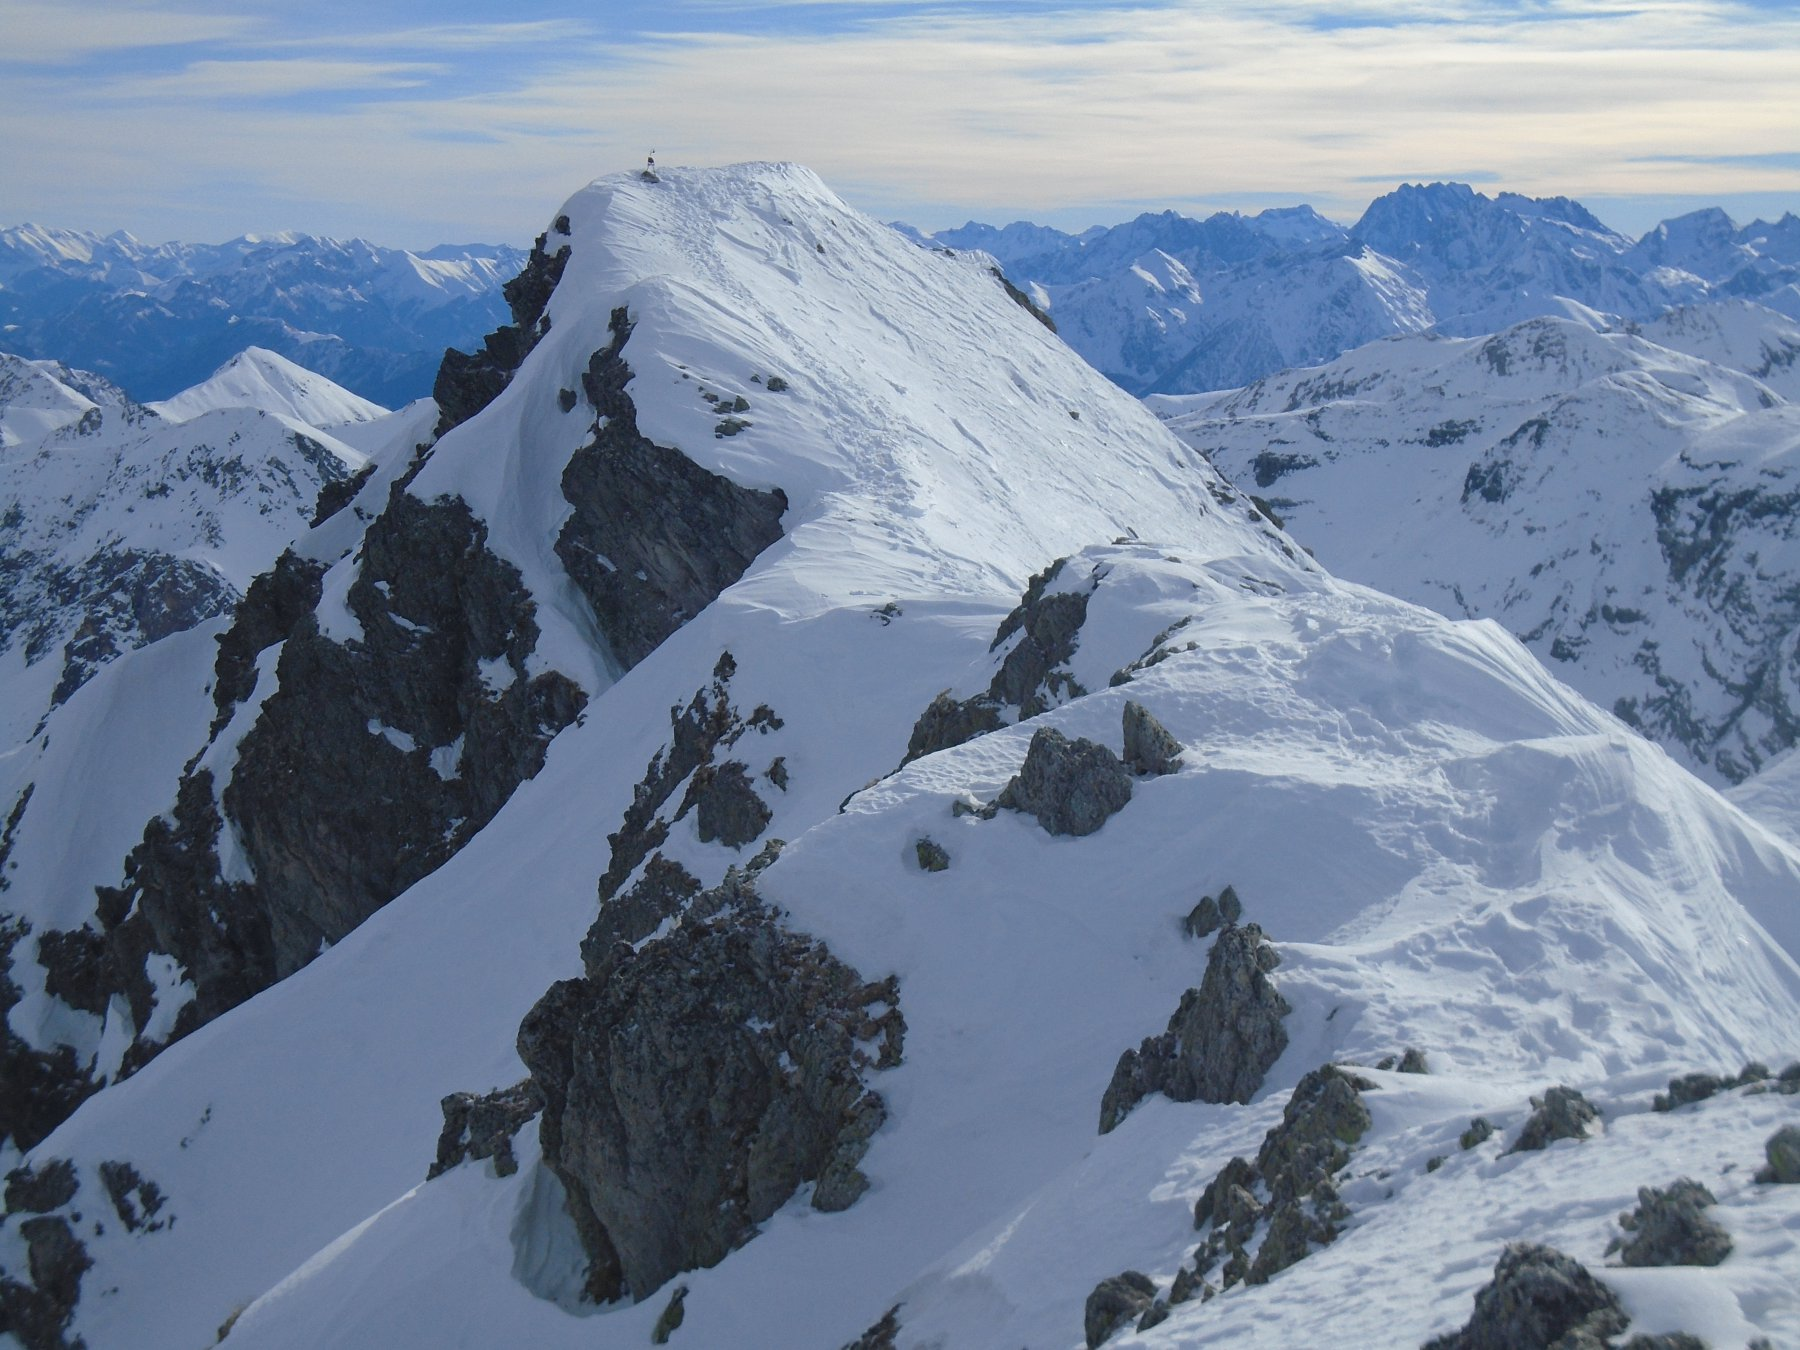 La vetta (campanello) vista dalla punta nord-ovest